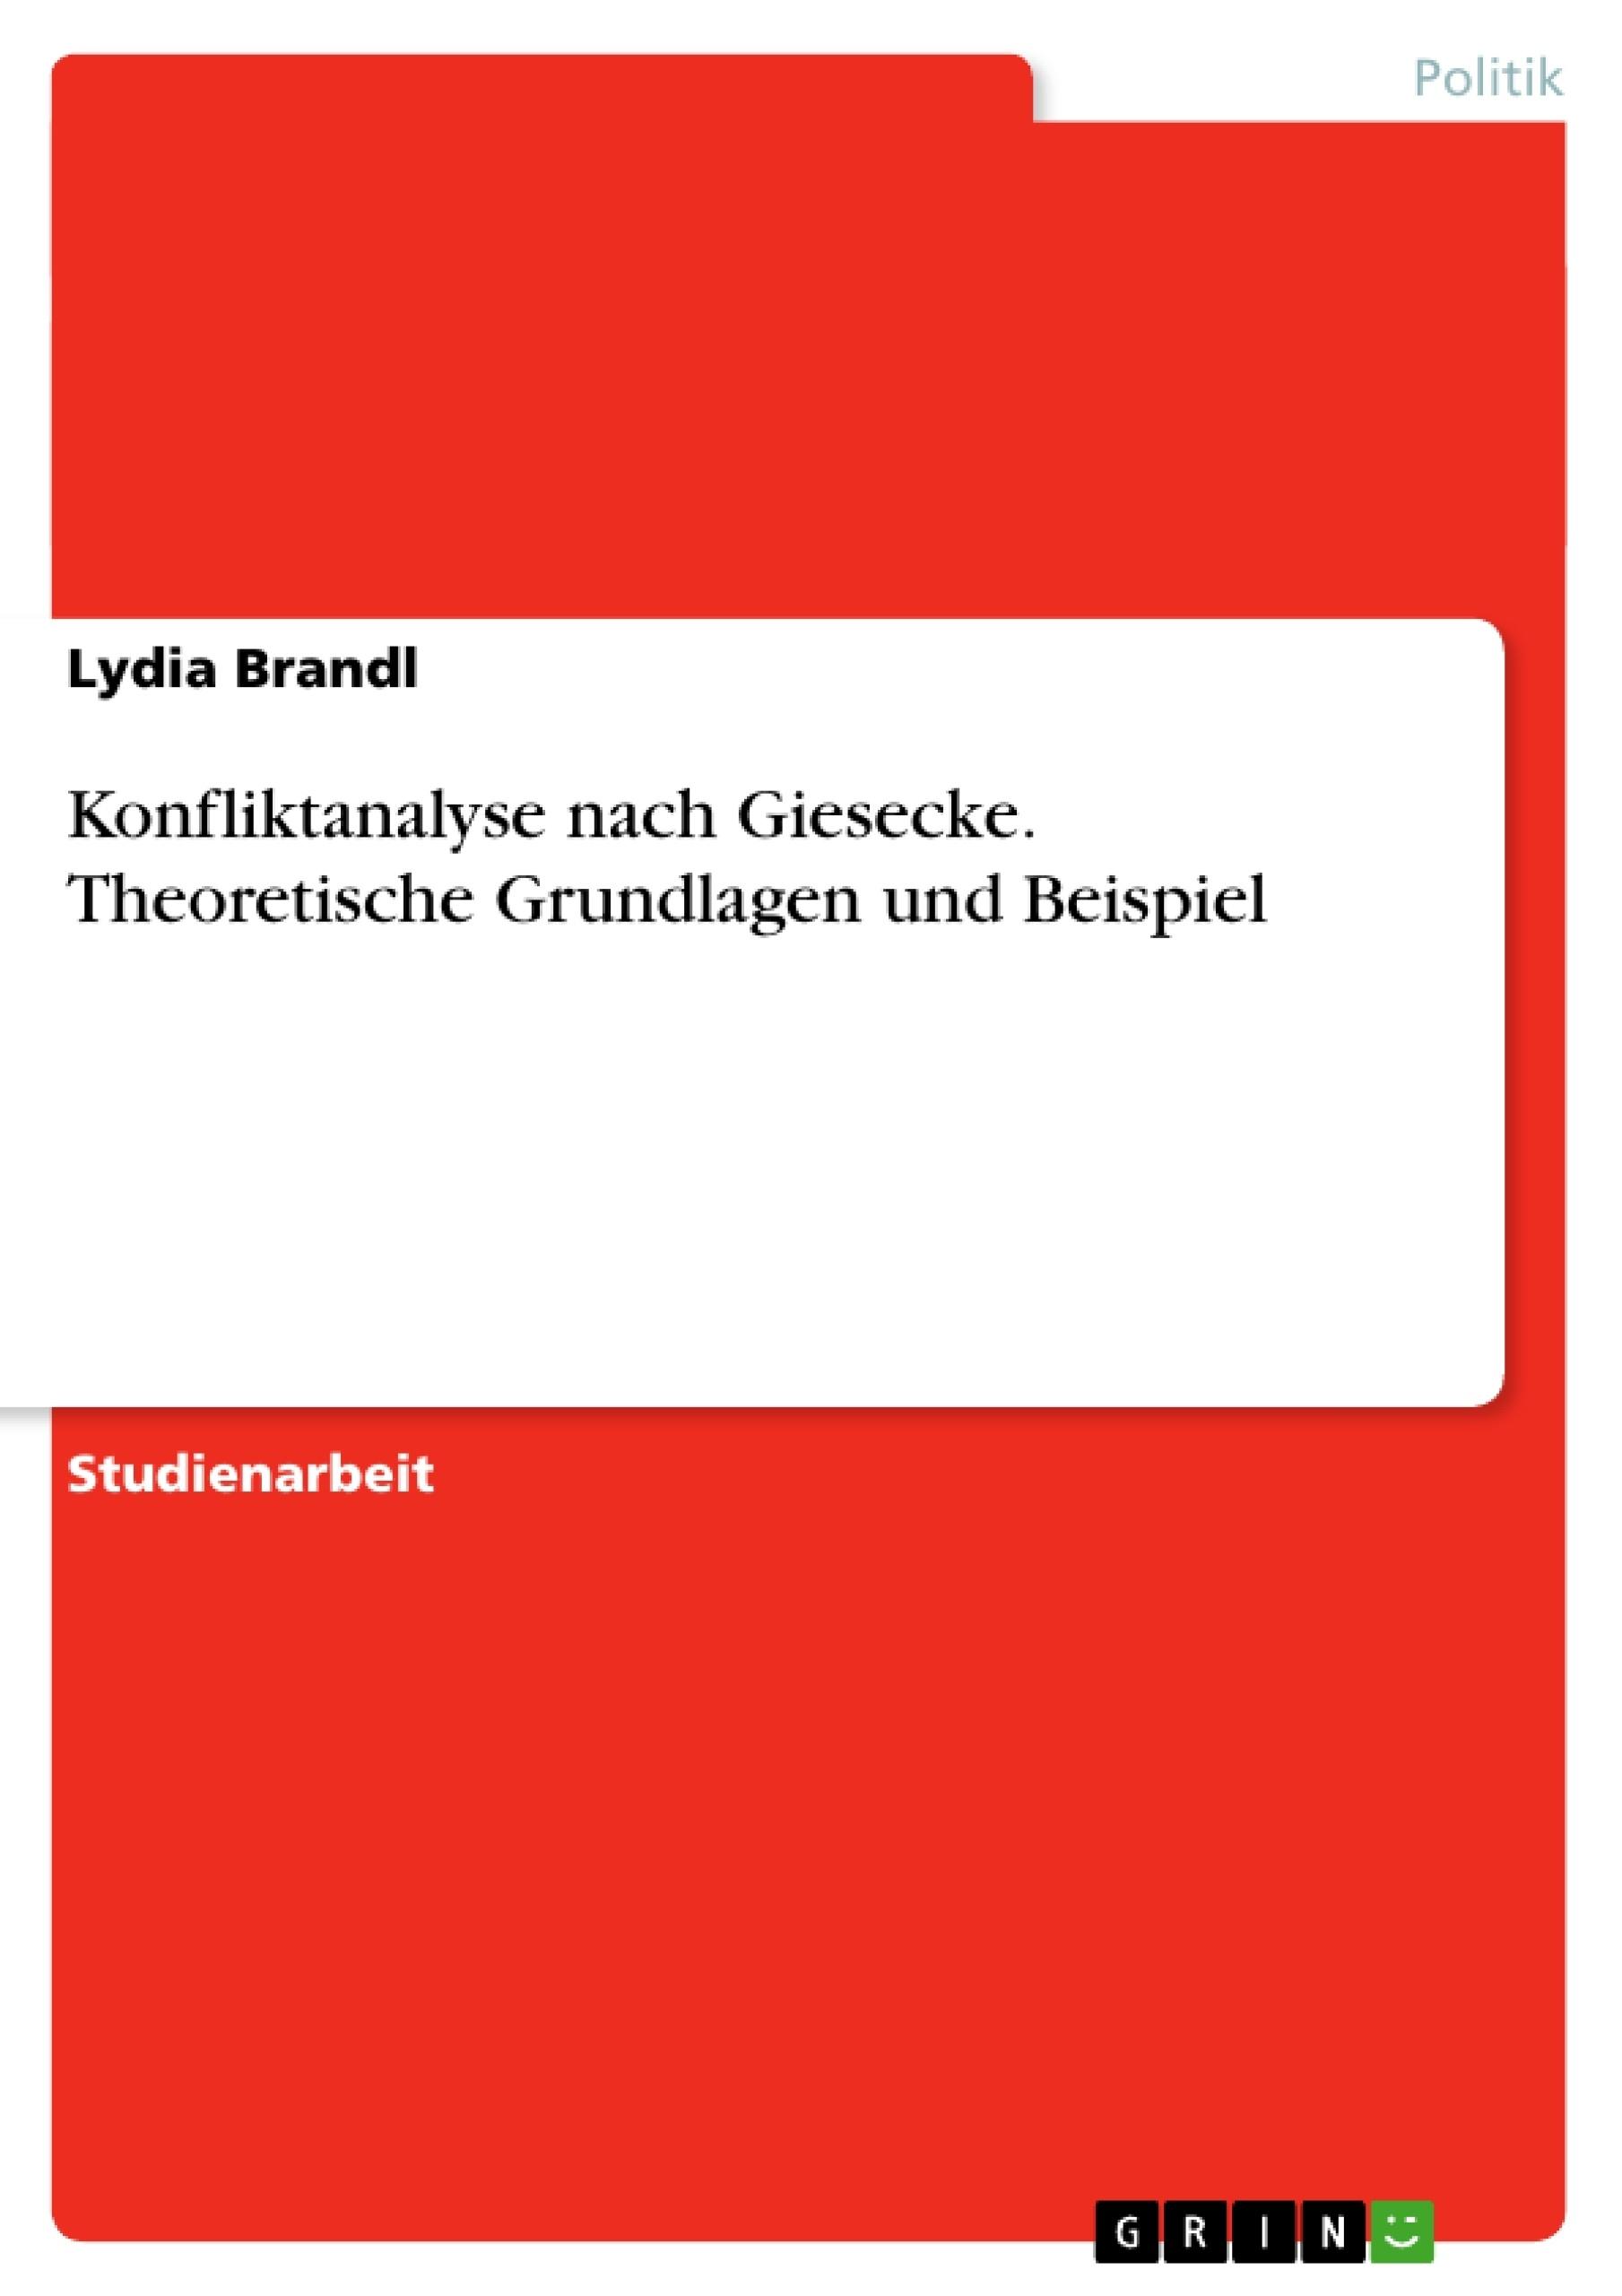 Titel: Konfliktanalyse nach Giesecke. Theoretische Grundlagen und Beispiel